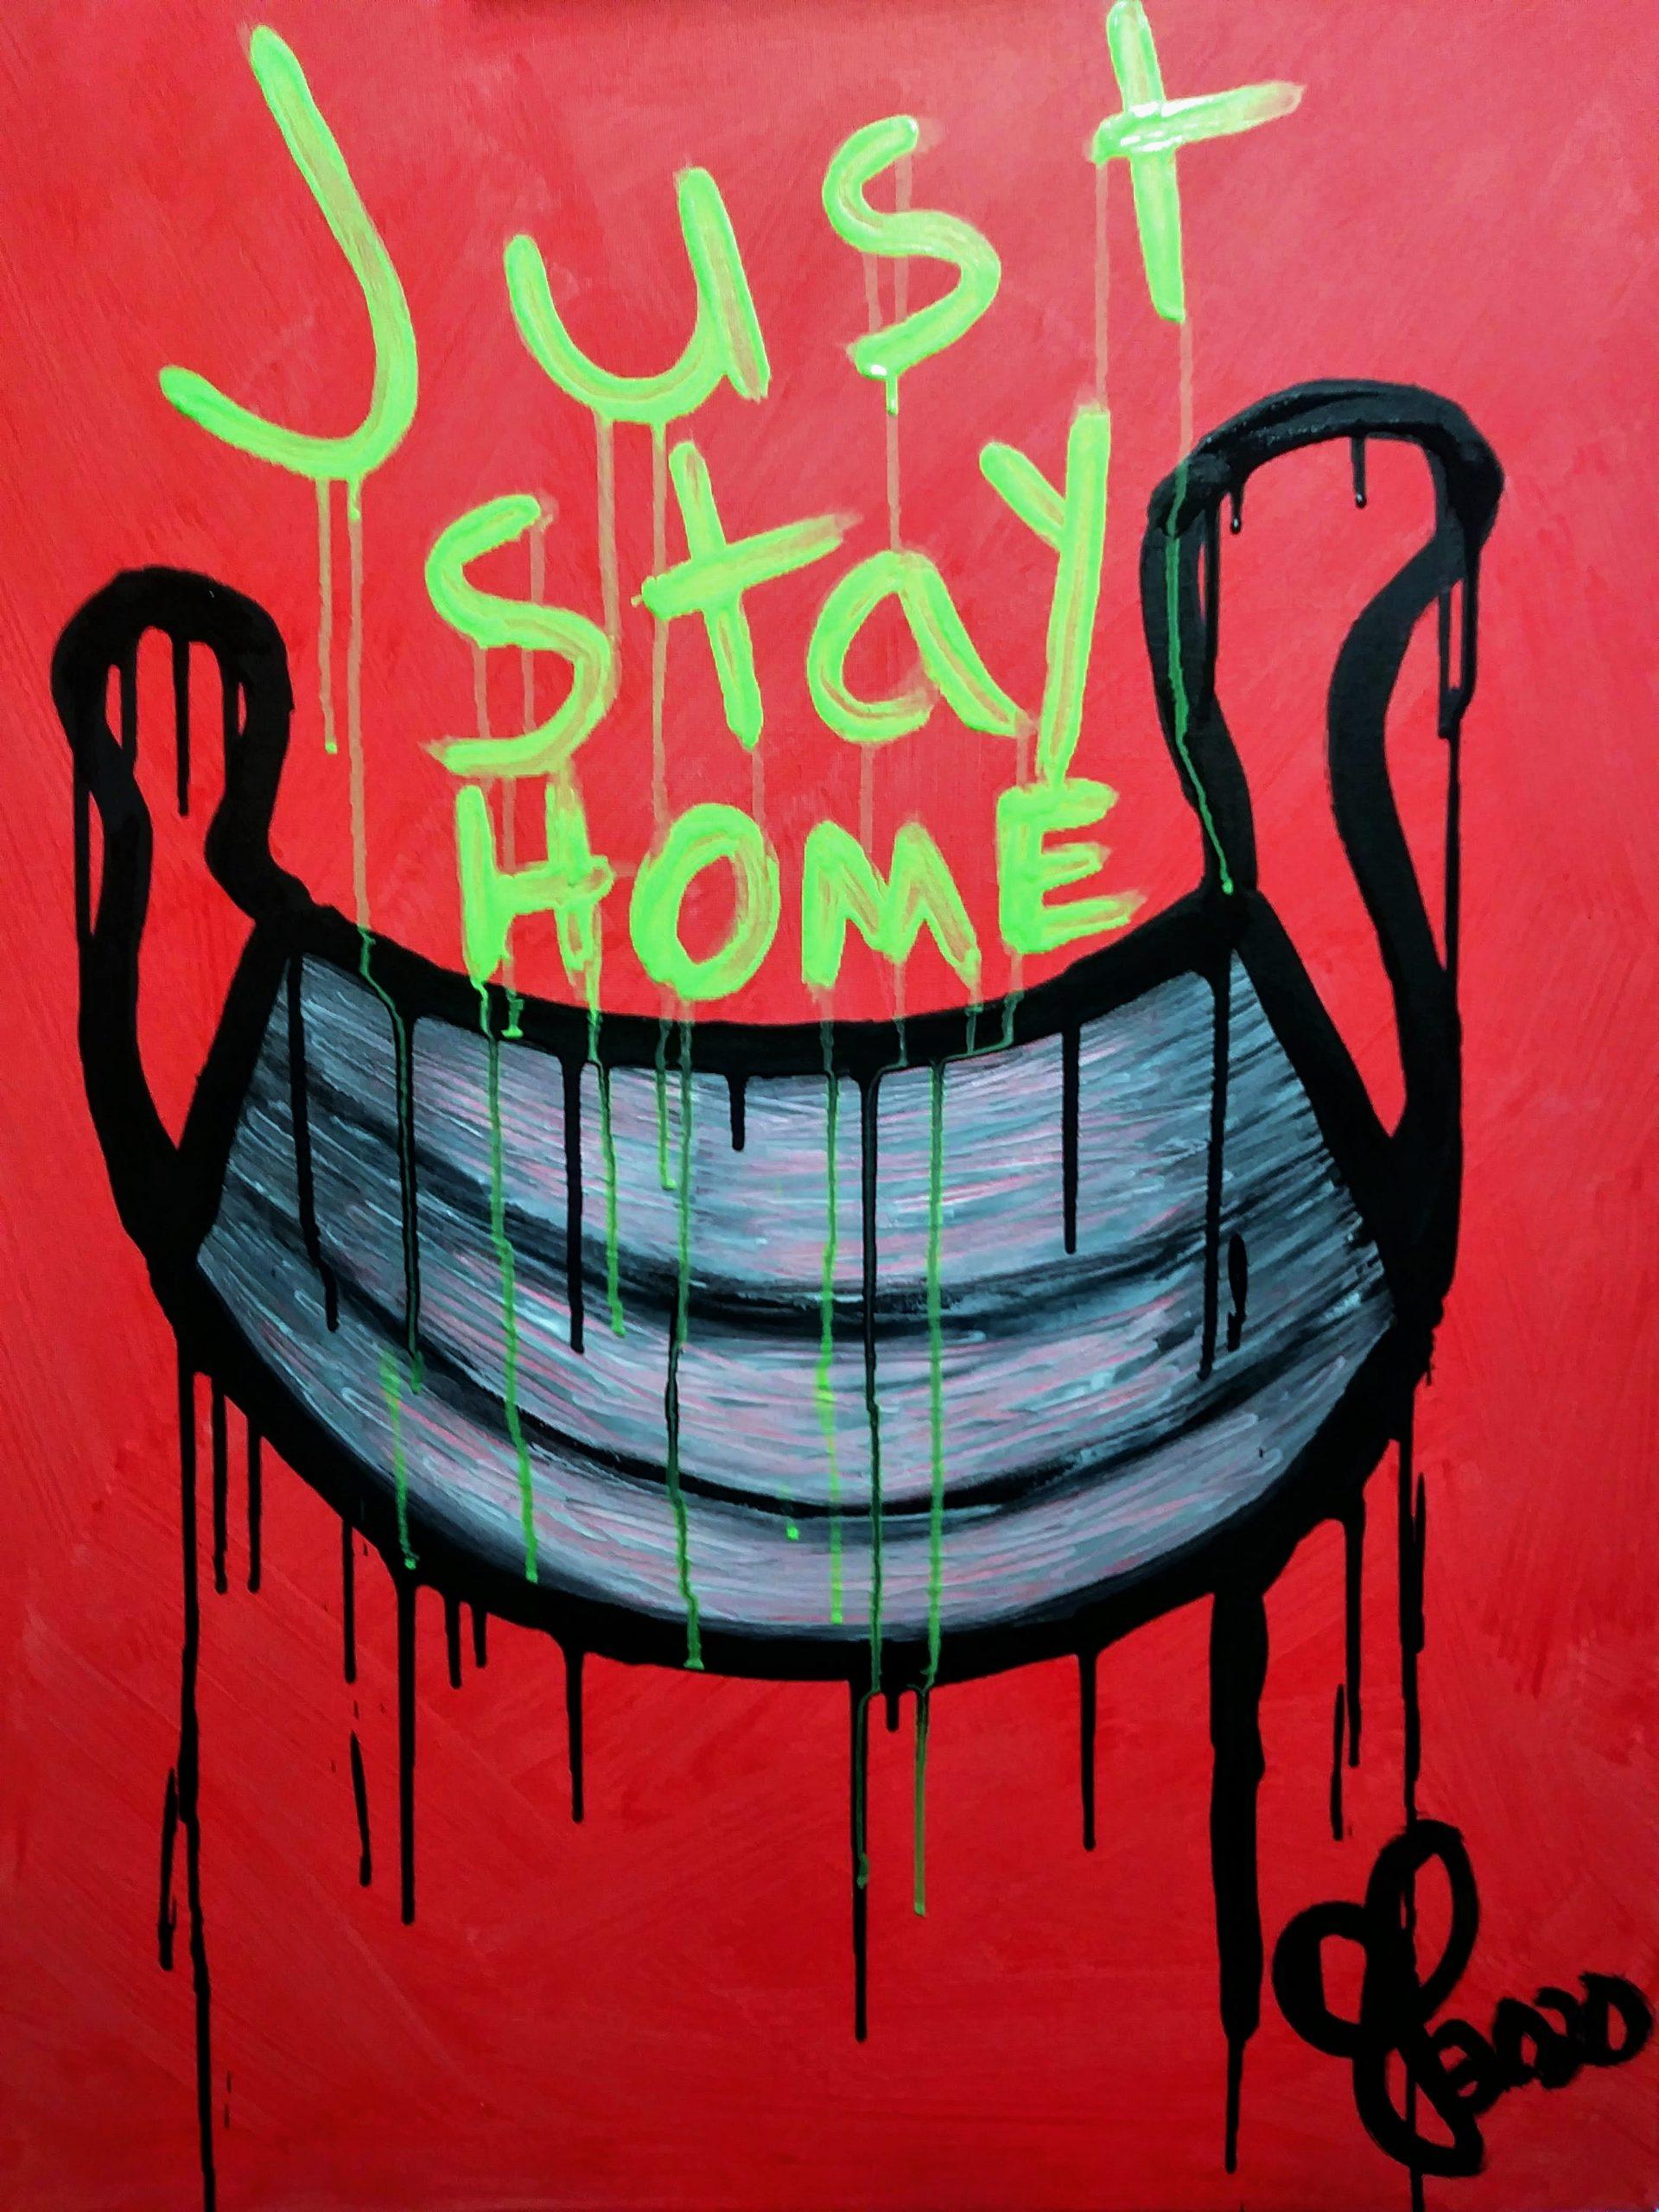 stayhome_1-1.jpg